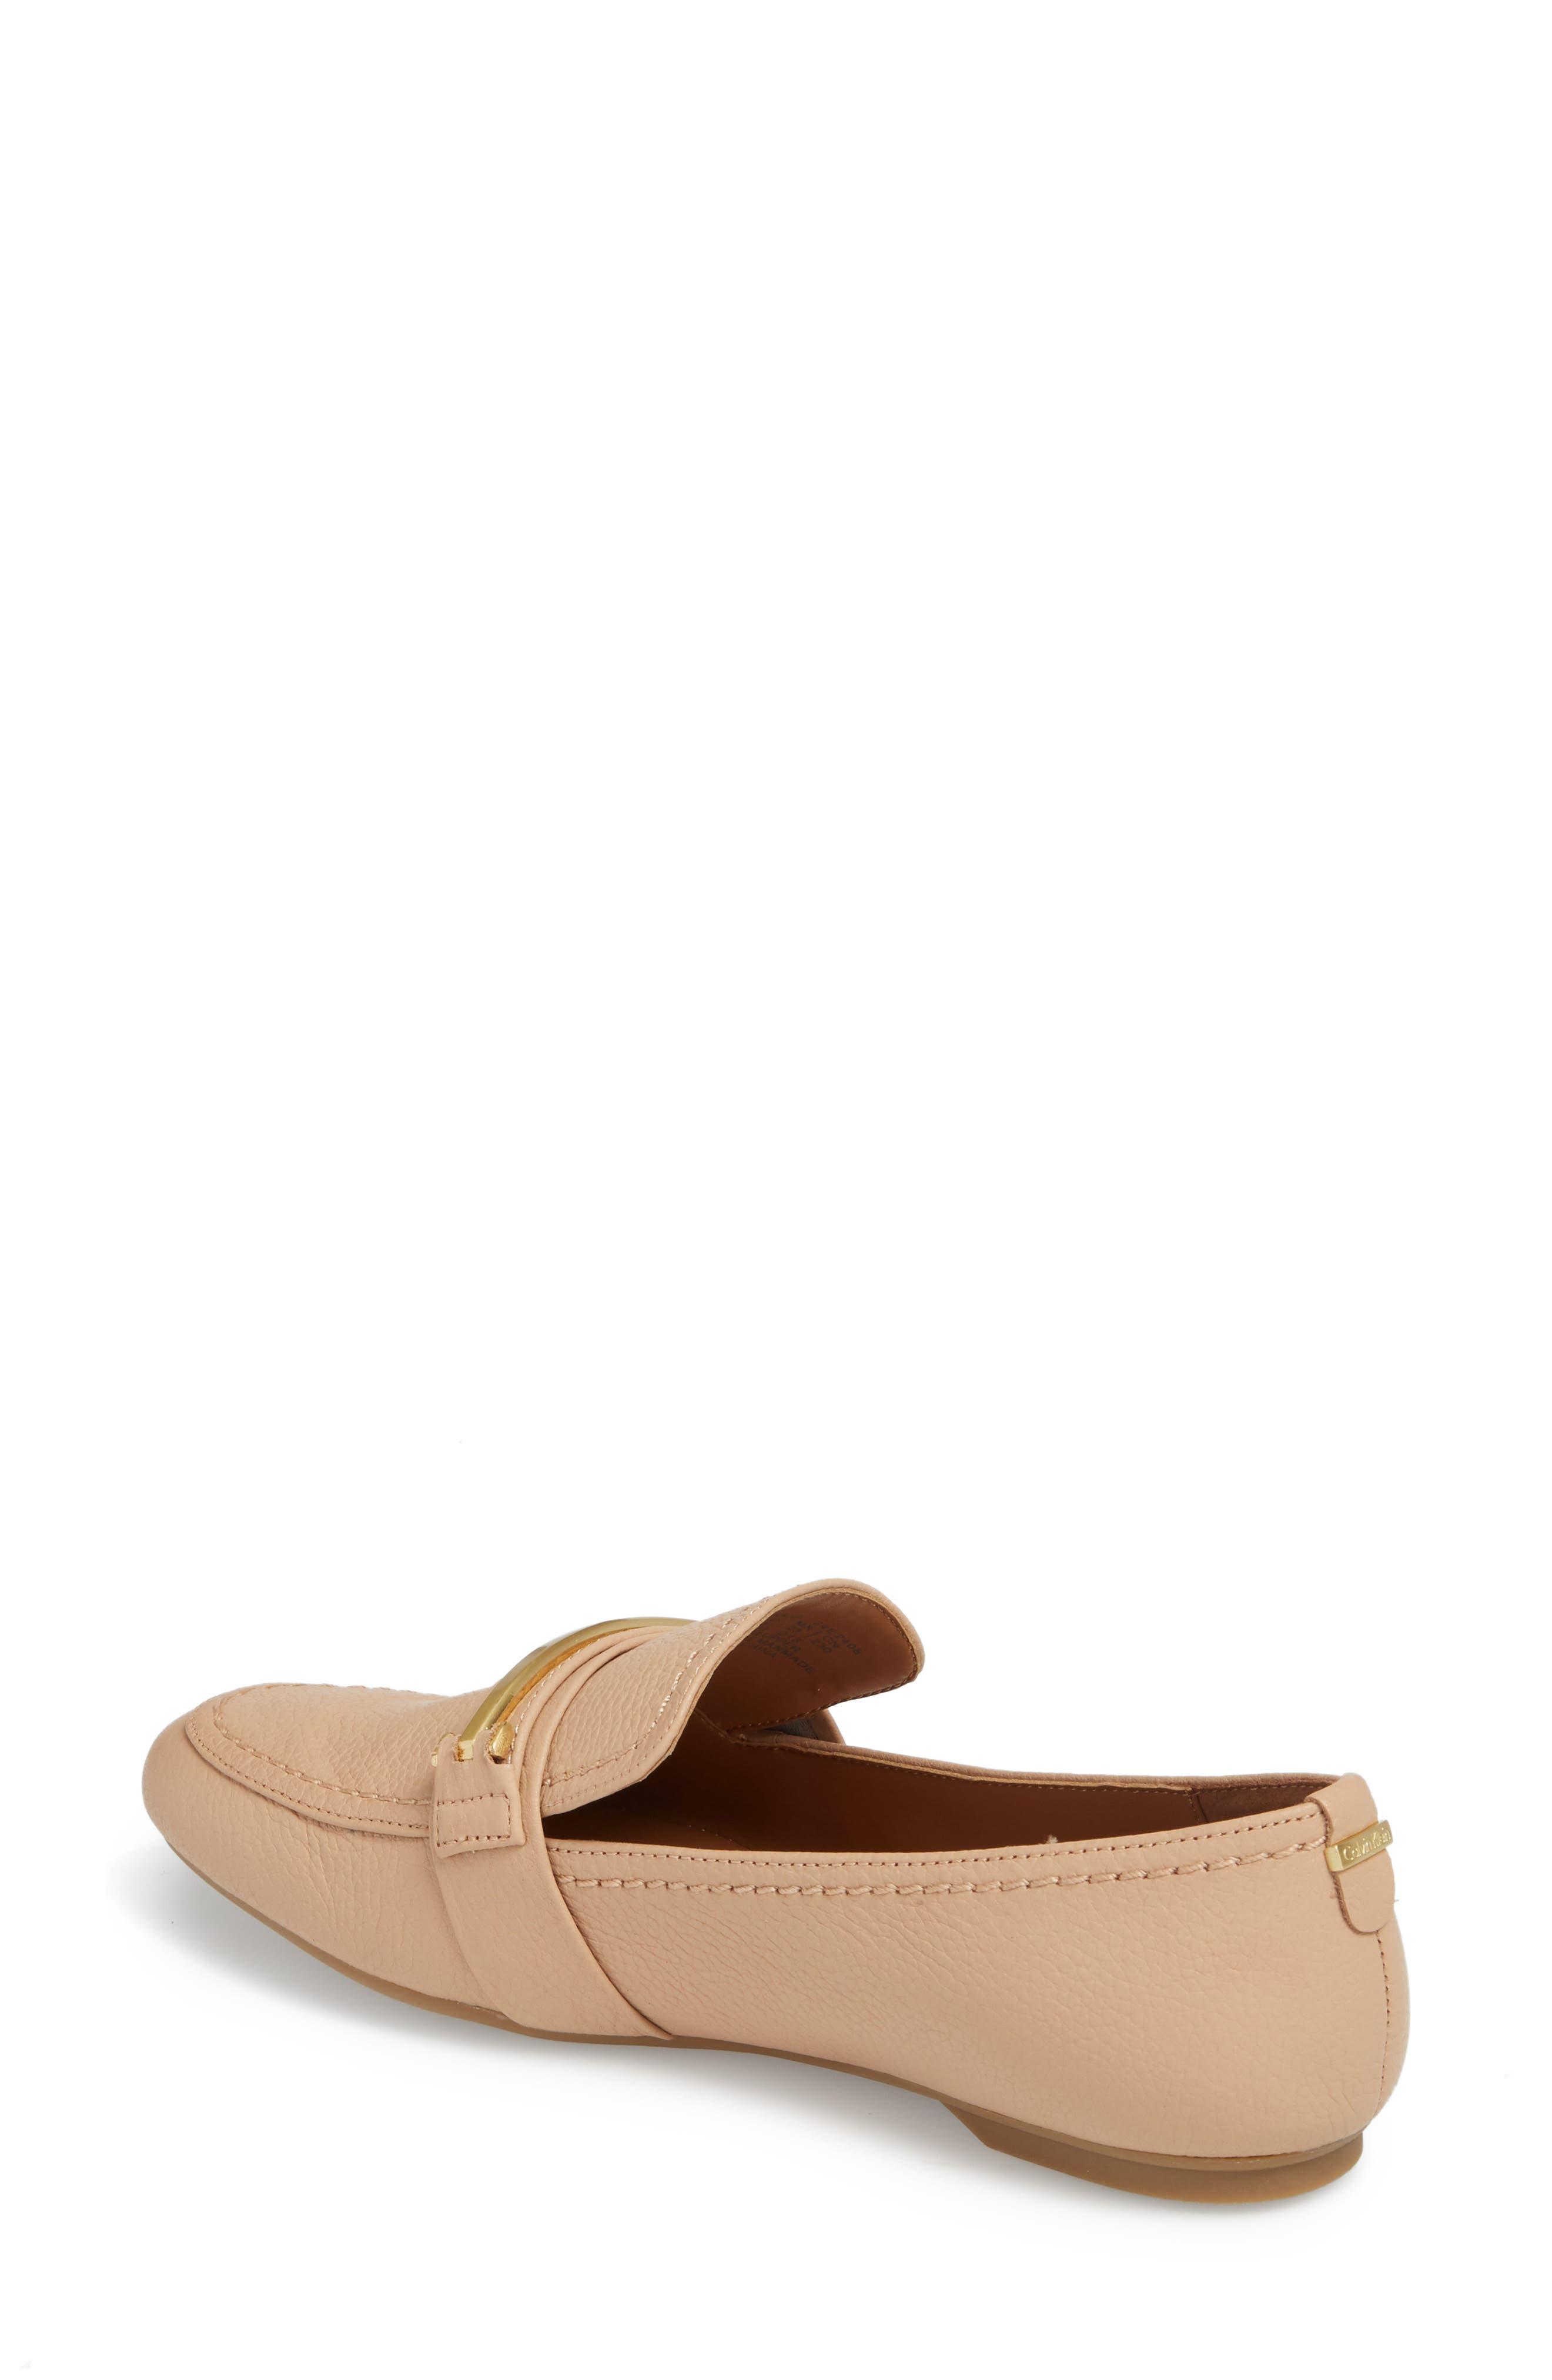 Orianna Loafer,                             Alternate thumbnail 2, color,                             Desert Sand Leather